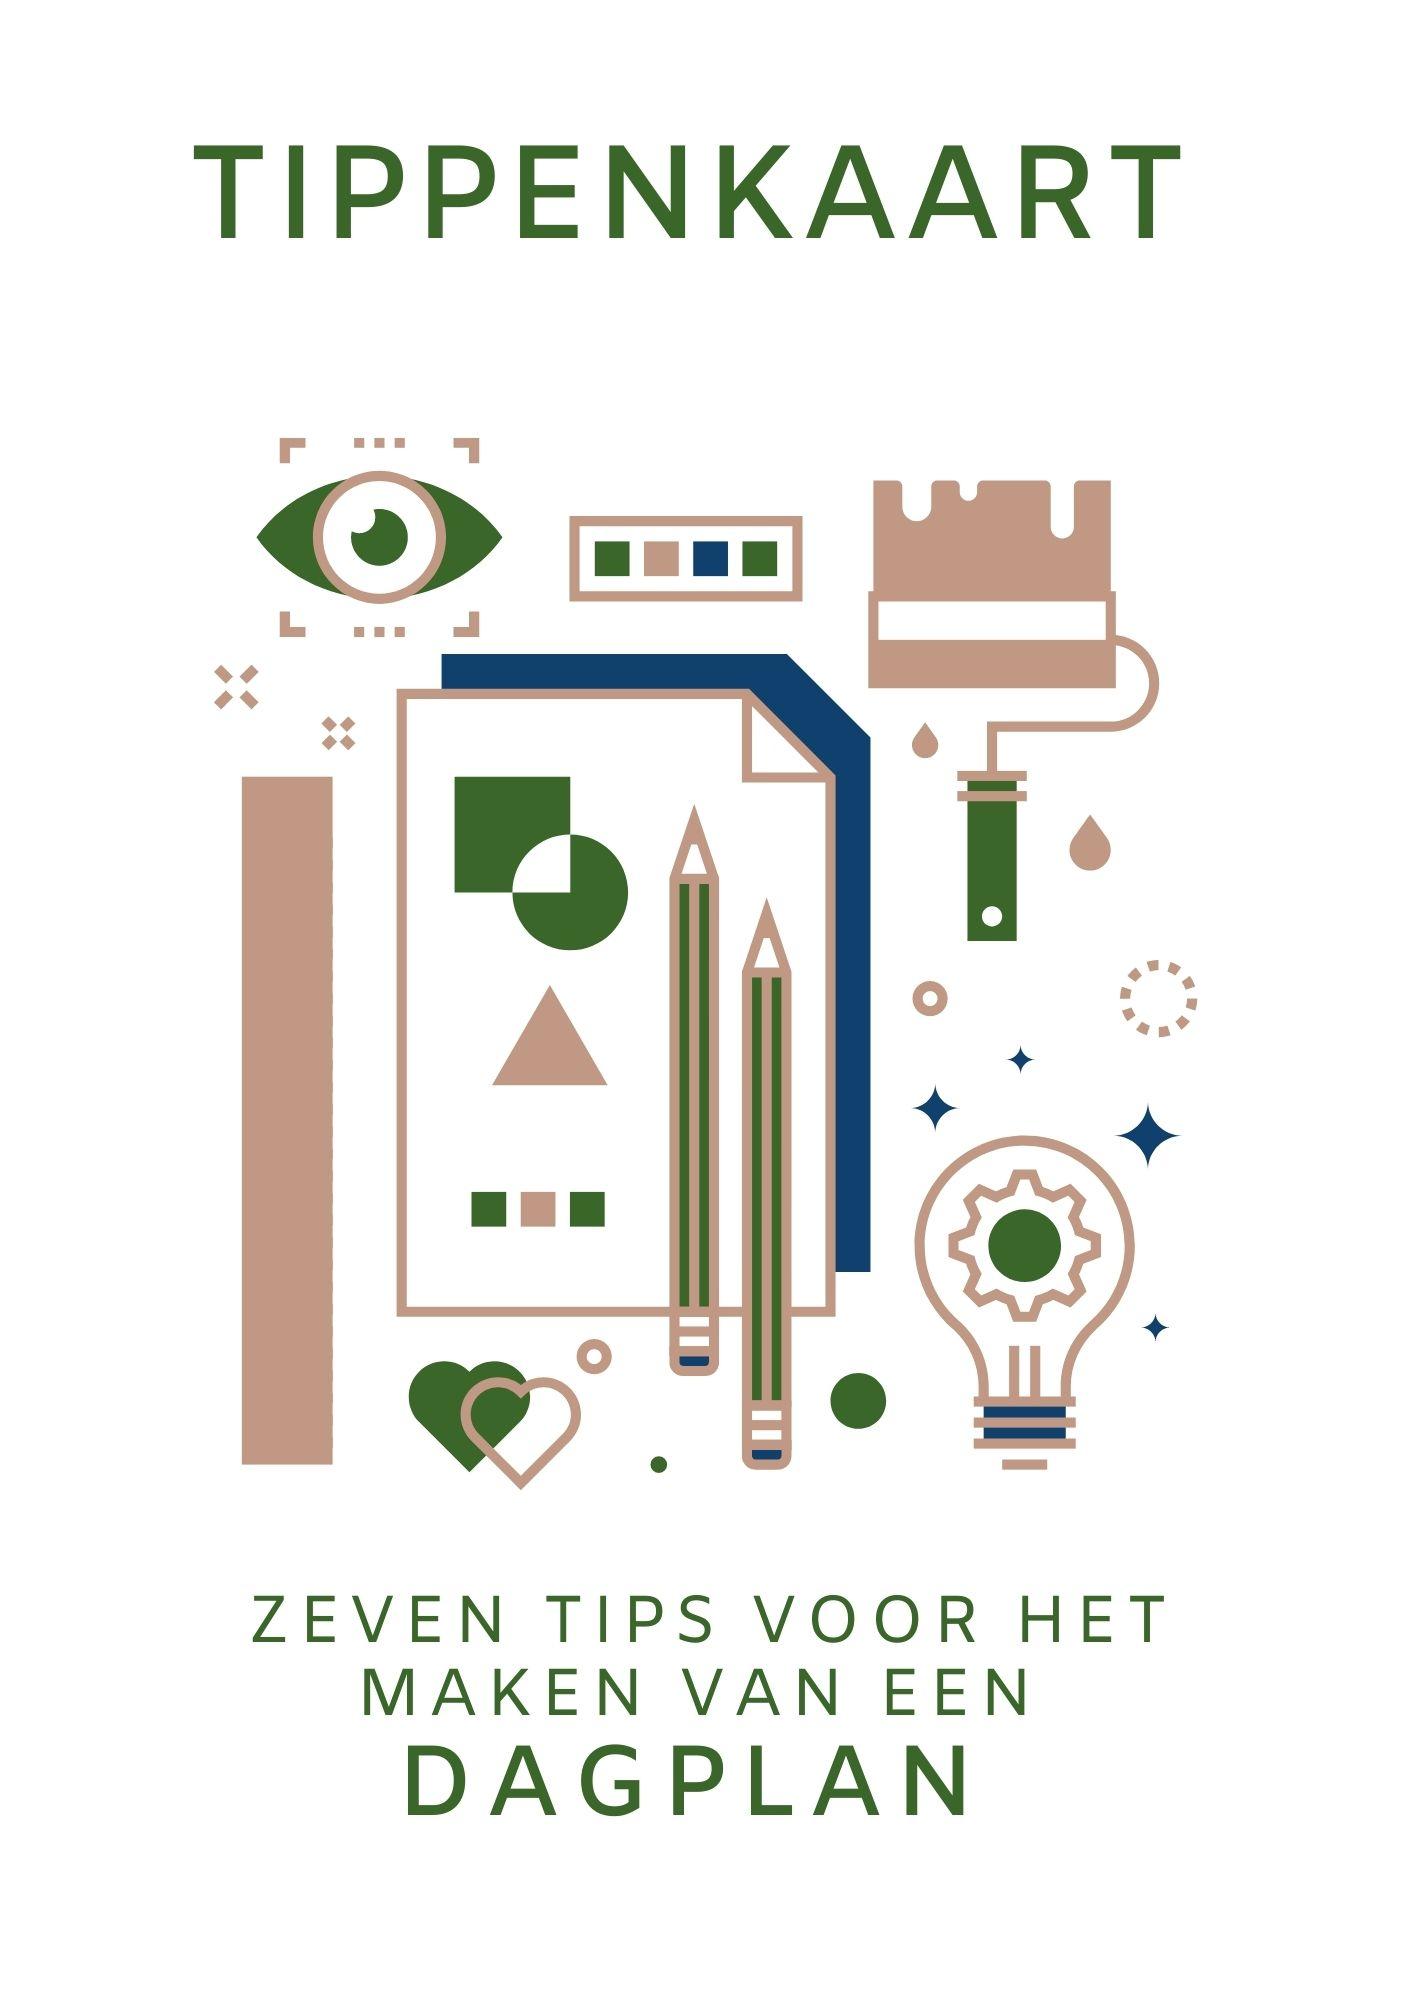 Tippenkaart Zeven tips voor het maken van een Dagplan